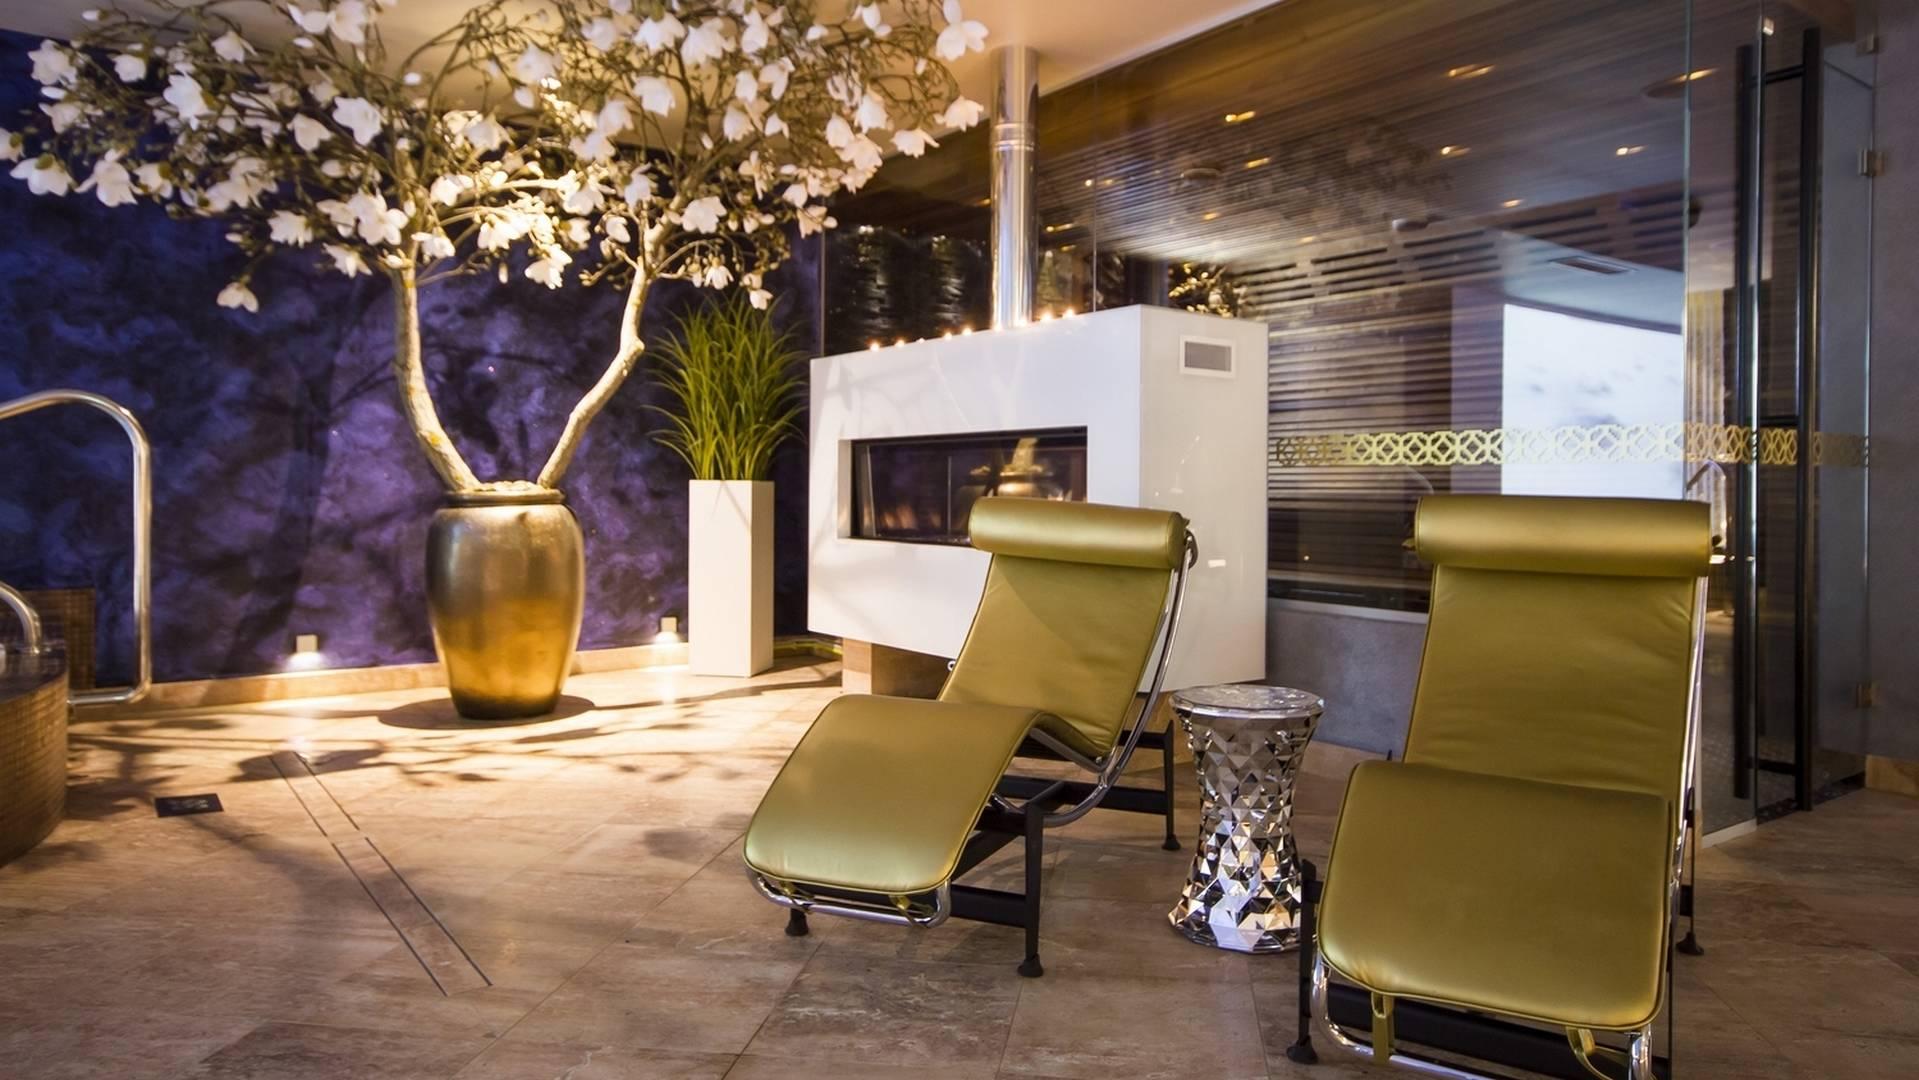 Romantiikkapaketti | Tallinn Viimsi SPA Hotel, Viro